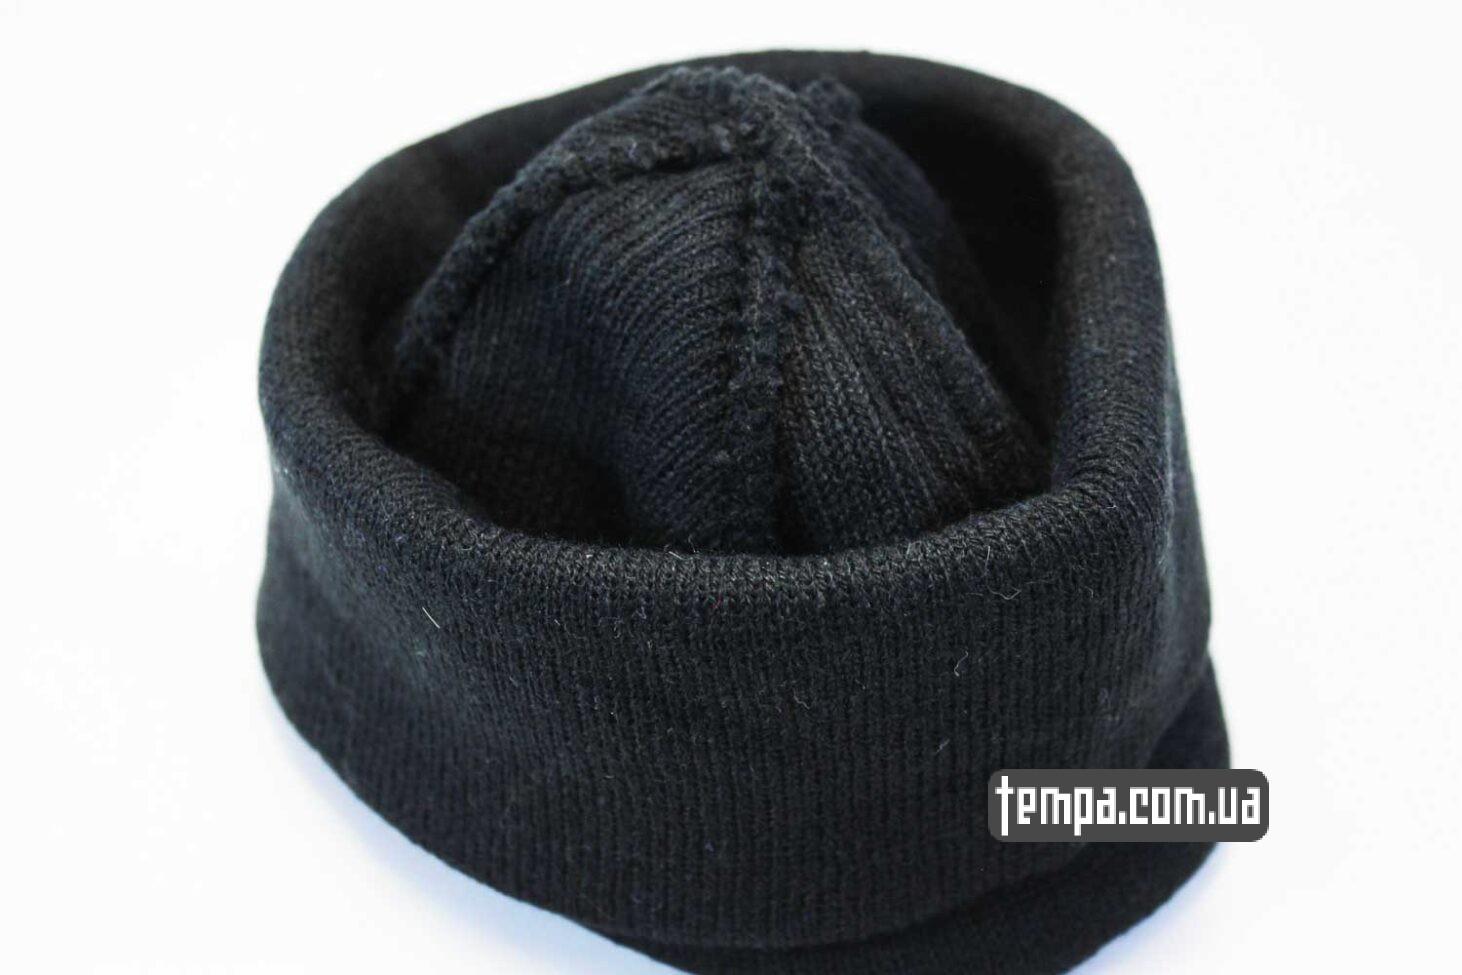 купить заказать оригинал шапка beanie черная однотонная без логотипов asos hm